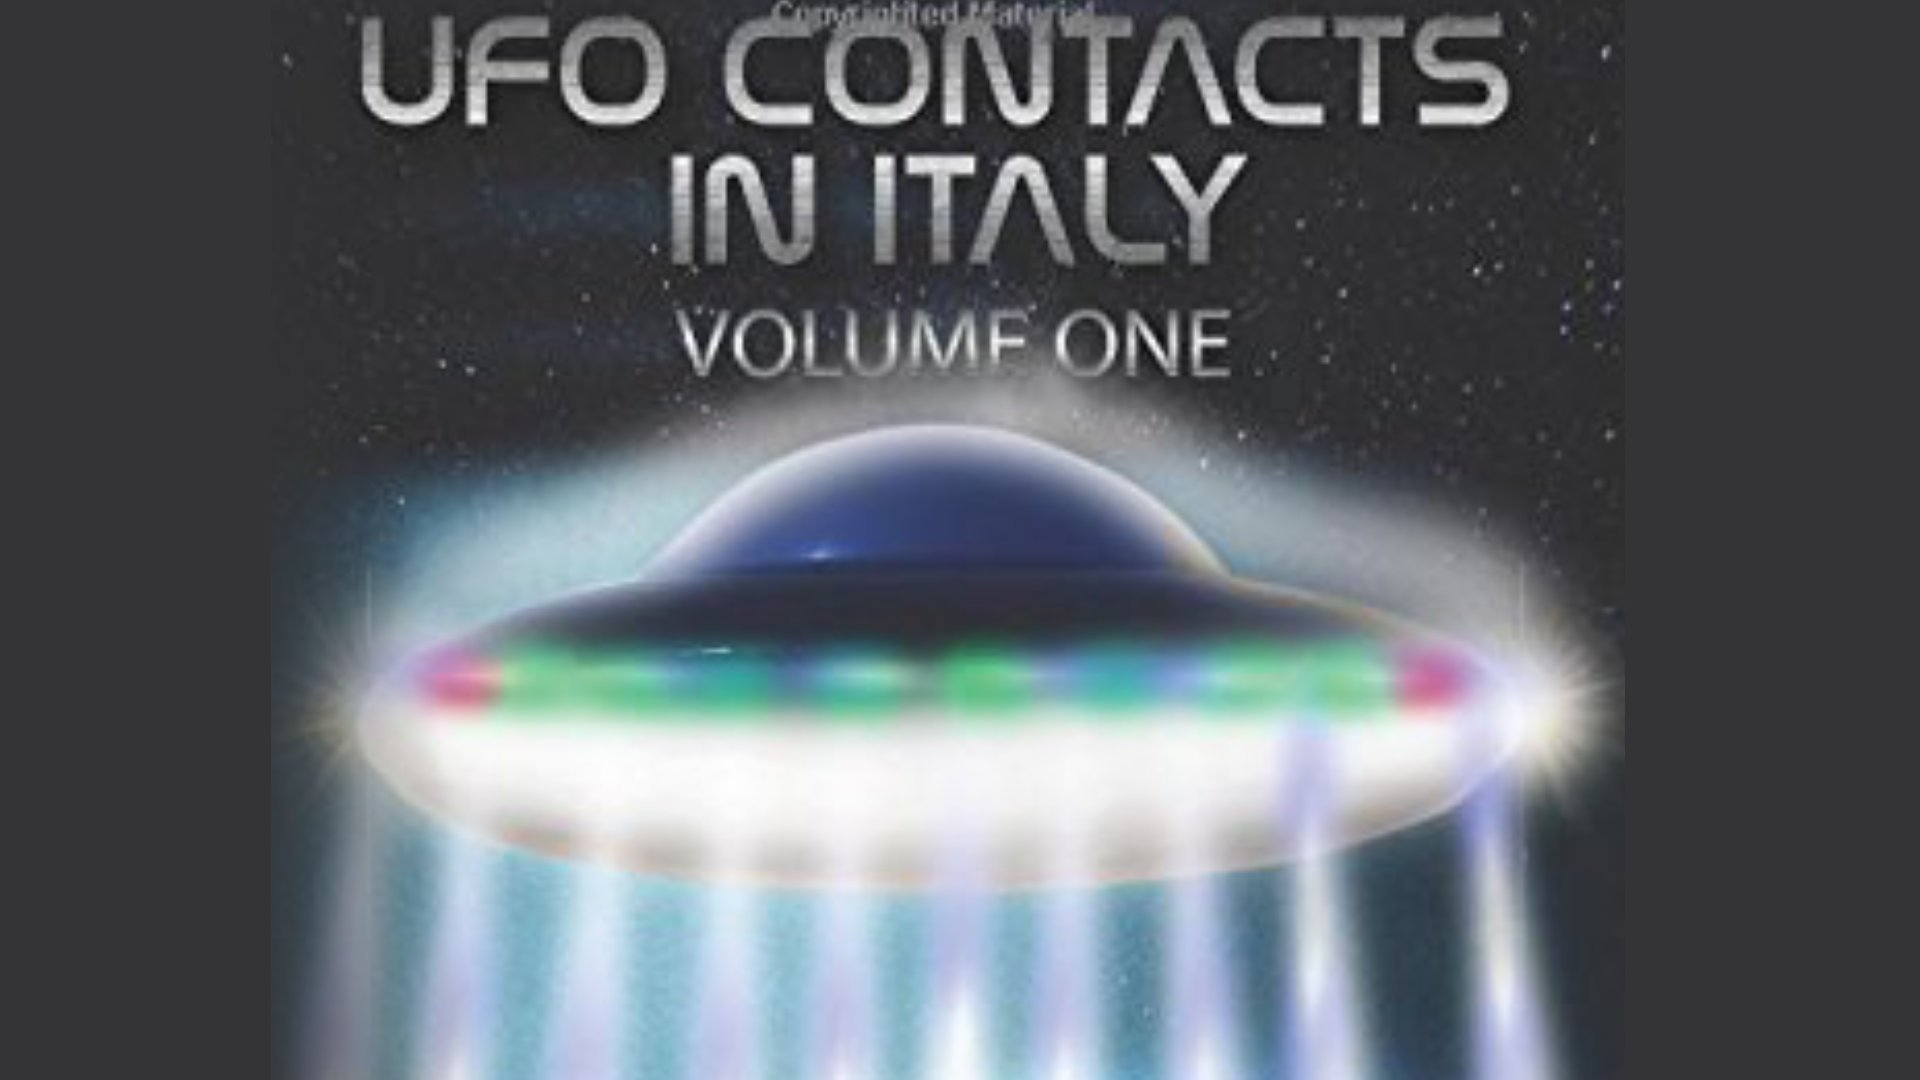 AVISTAMIENTOS OVNI DESDE 1907 EN ITALIA- Un nuevo libro para los amantes de la Ufología